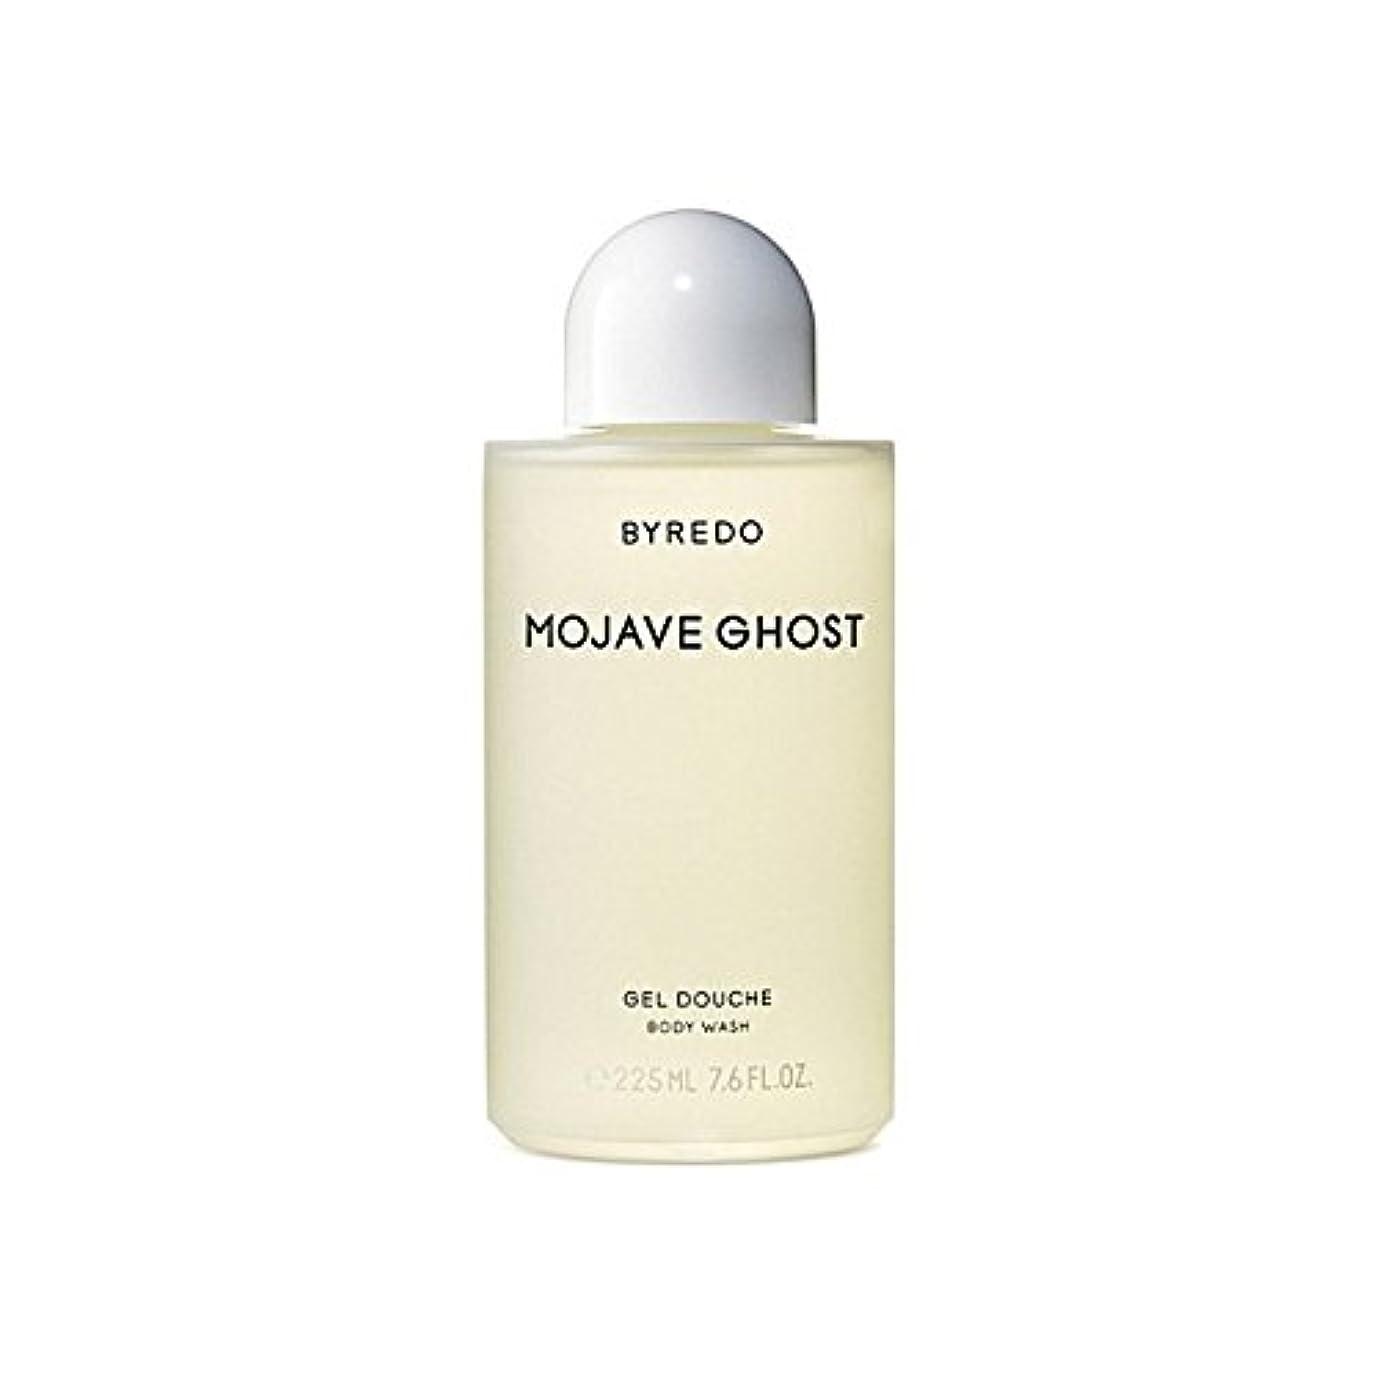 観点従来の暴徒Byredo Mojave Ghost Body Wash 225ml - モハーベゴーストボディウォッシュ225ミリリットル [並行輸入品]